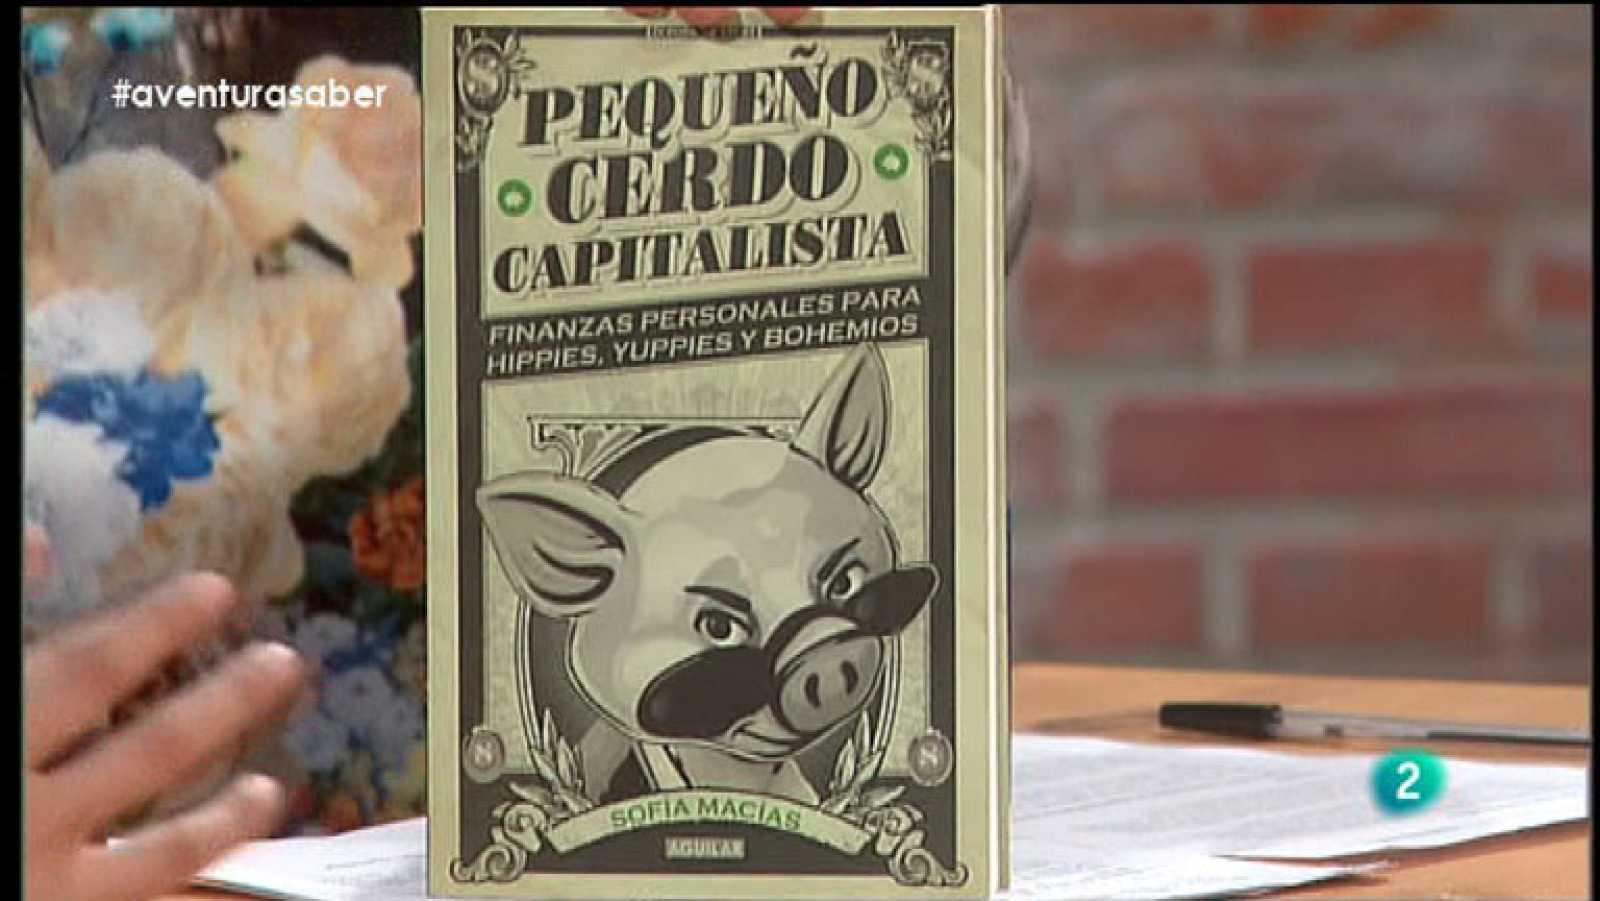 La Aventura del Saber. Sofía Macías. Pequeño cerdo capitalista